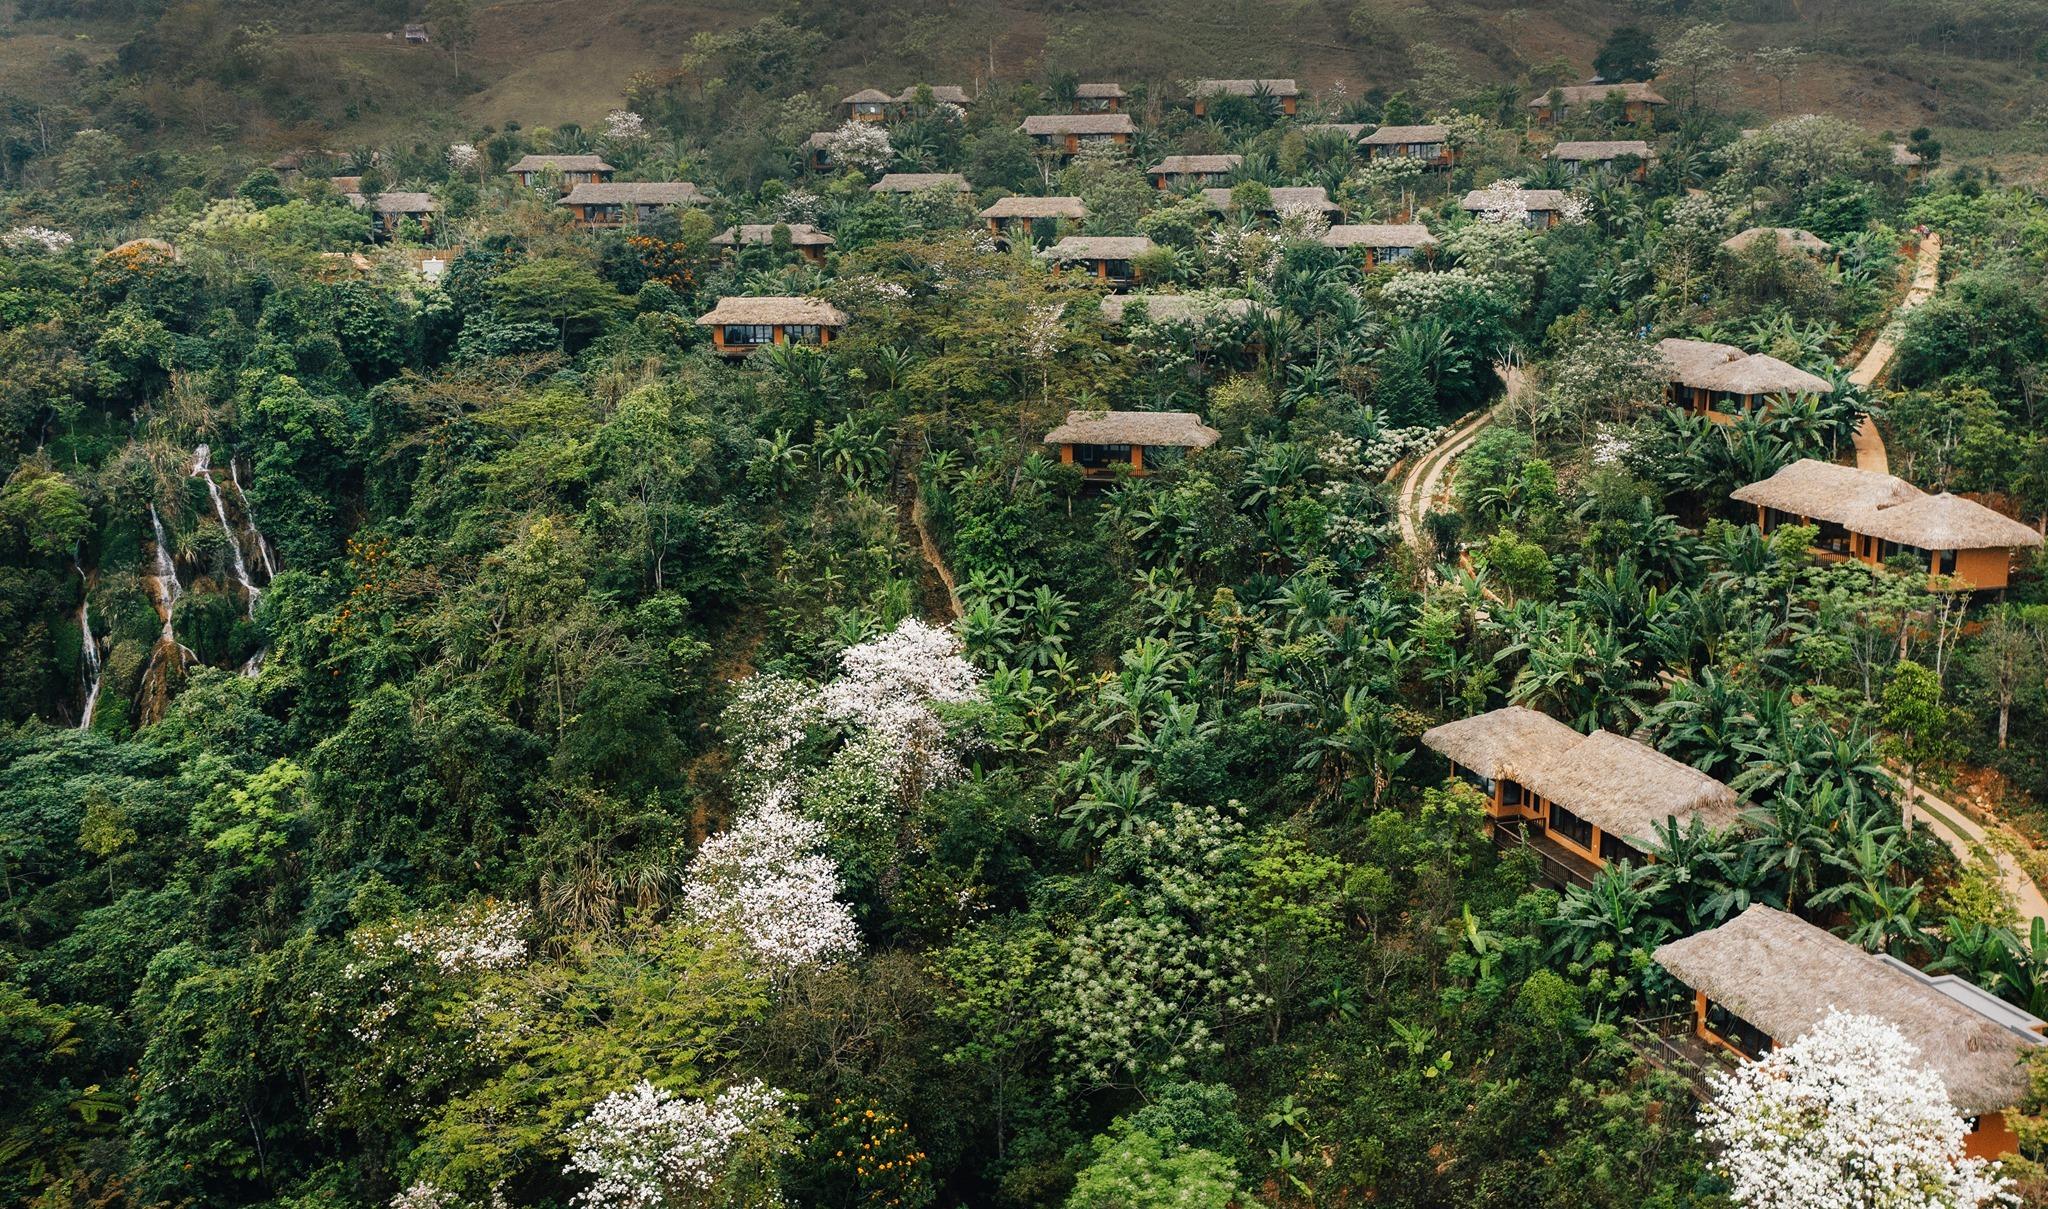 Xuất hiện khu nghỉ dưỡng Avana Retreat Mai Châu giữa sườn núi view đẹp xuất sắc